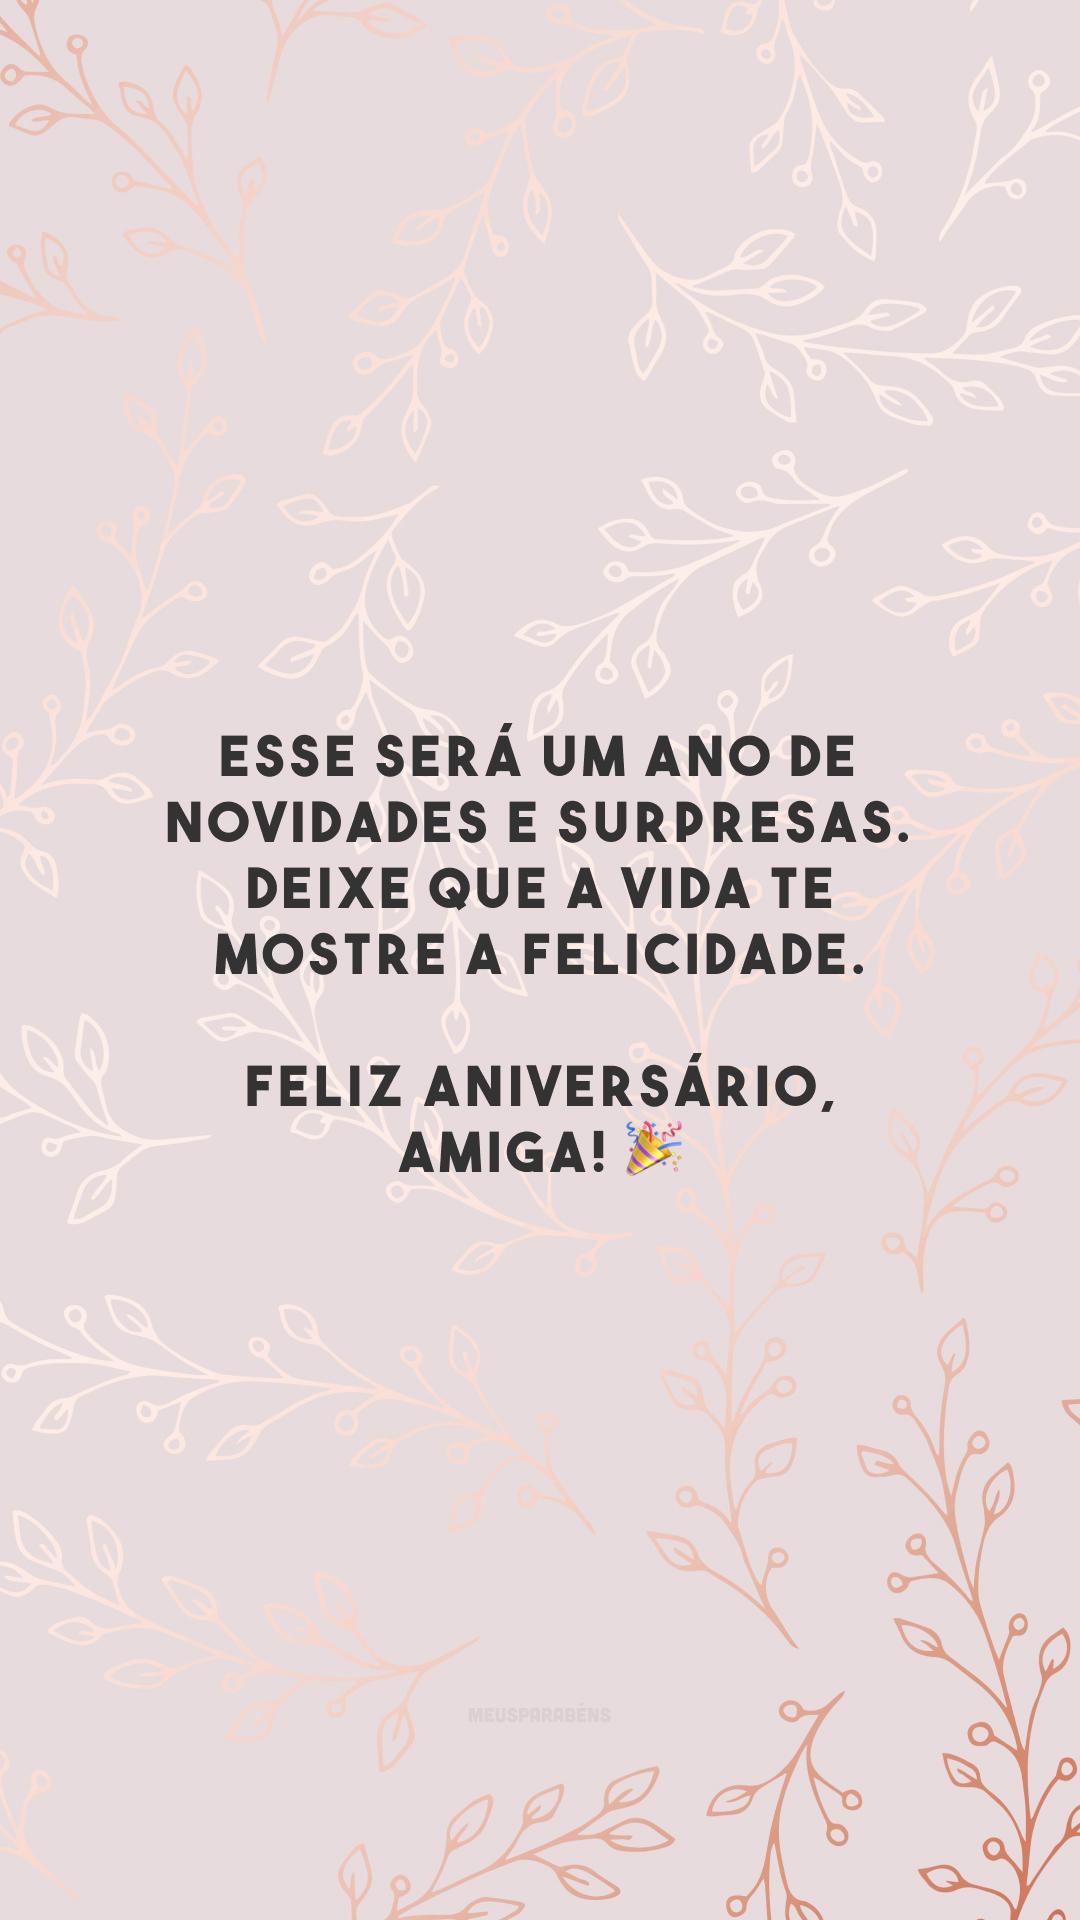 Esse será um ano de novidades e surpresas. Deixe que a vida te mostre a felicidade. Feliz aniversário, amiga! 🎉